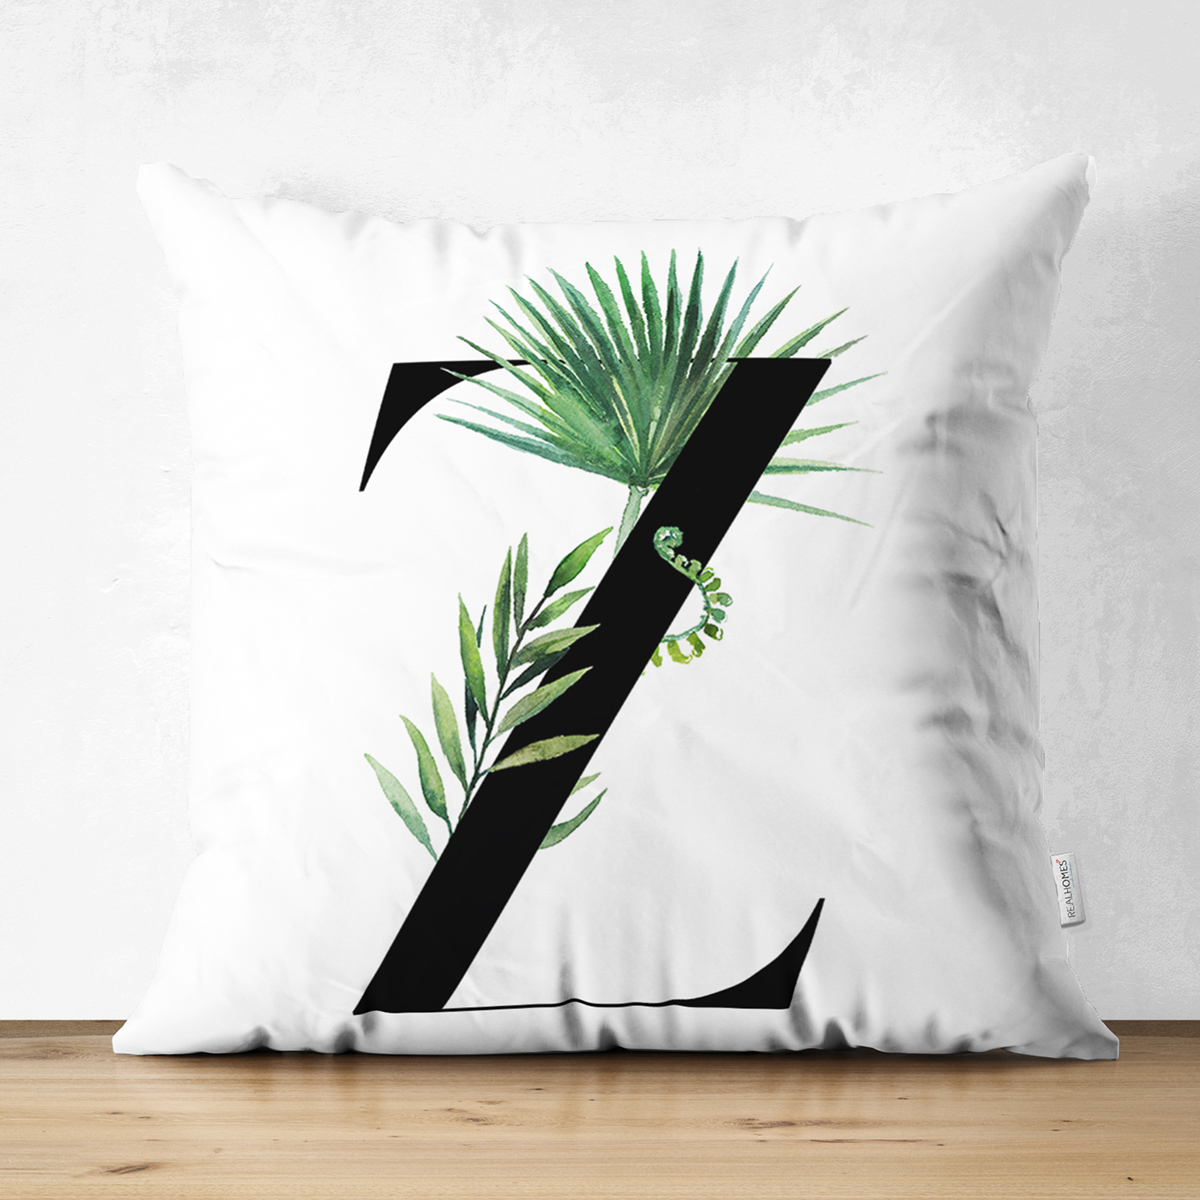 Beyaz Zemin Yaprak Motifli Siyah Z Harfi Özel Tasarım Modern Suet Yastık Kırlent Kılıfı Realhomes